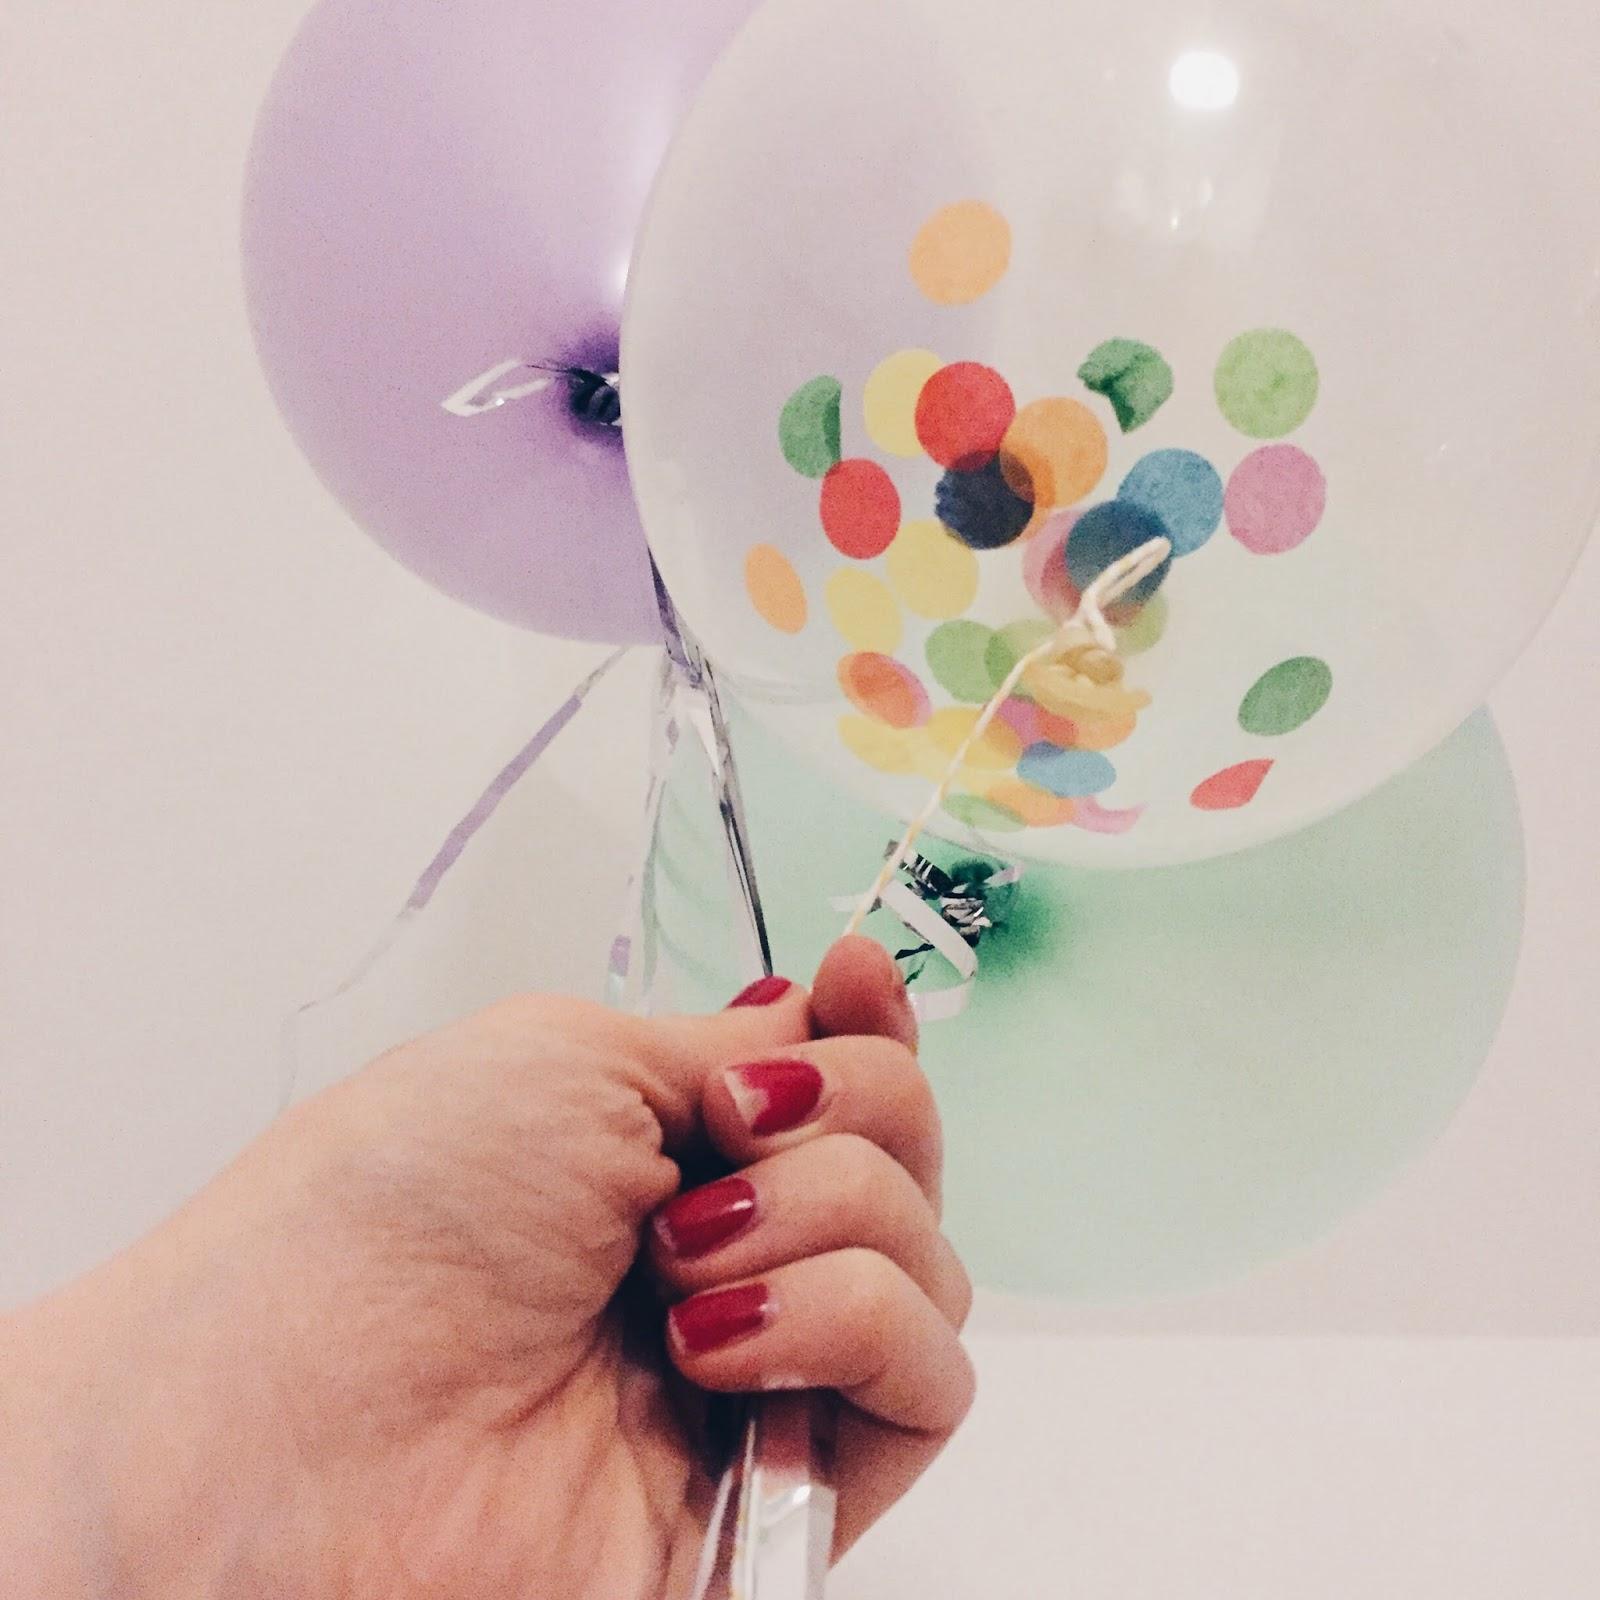 ballons confetti decoration